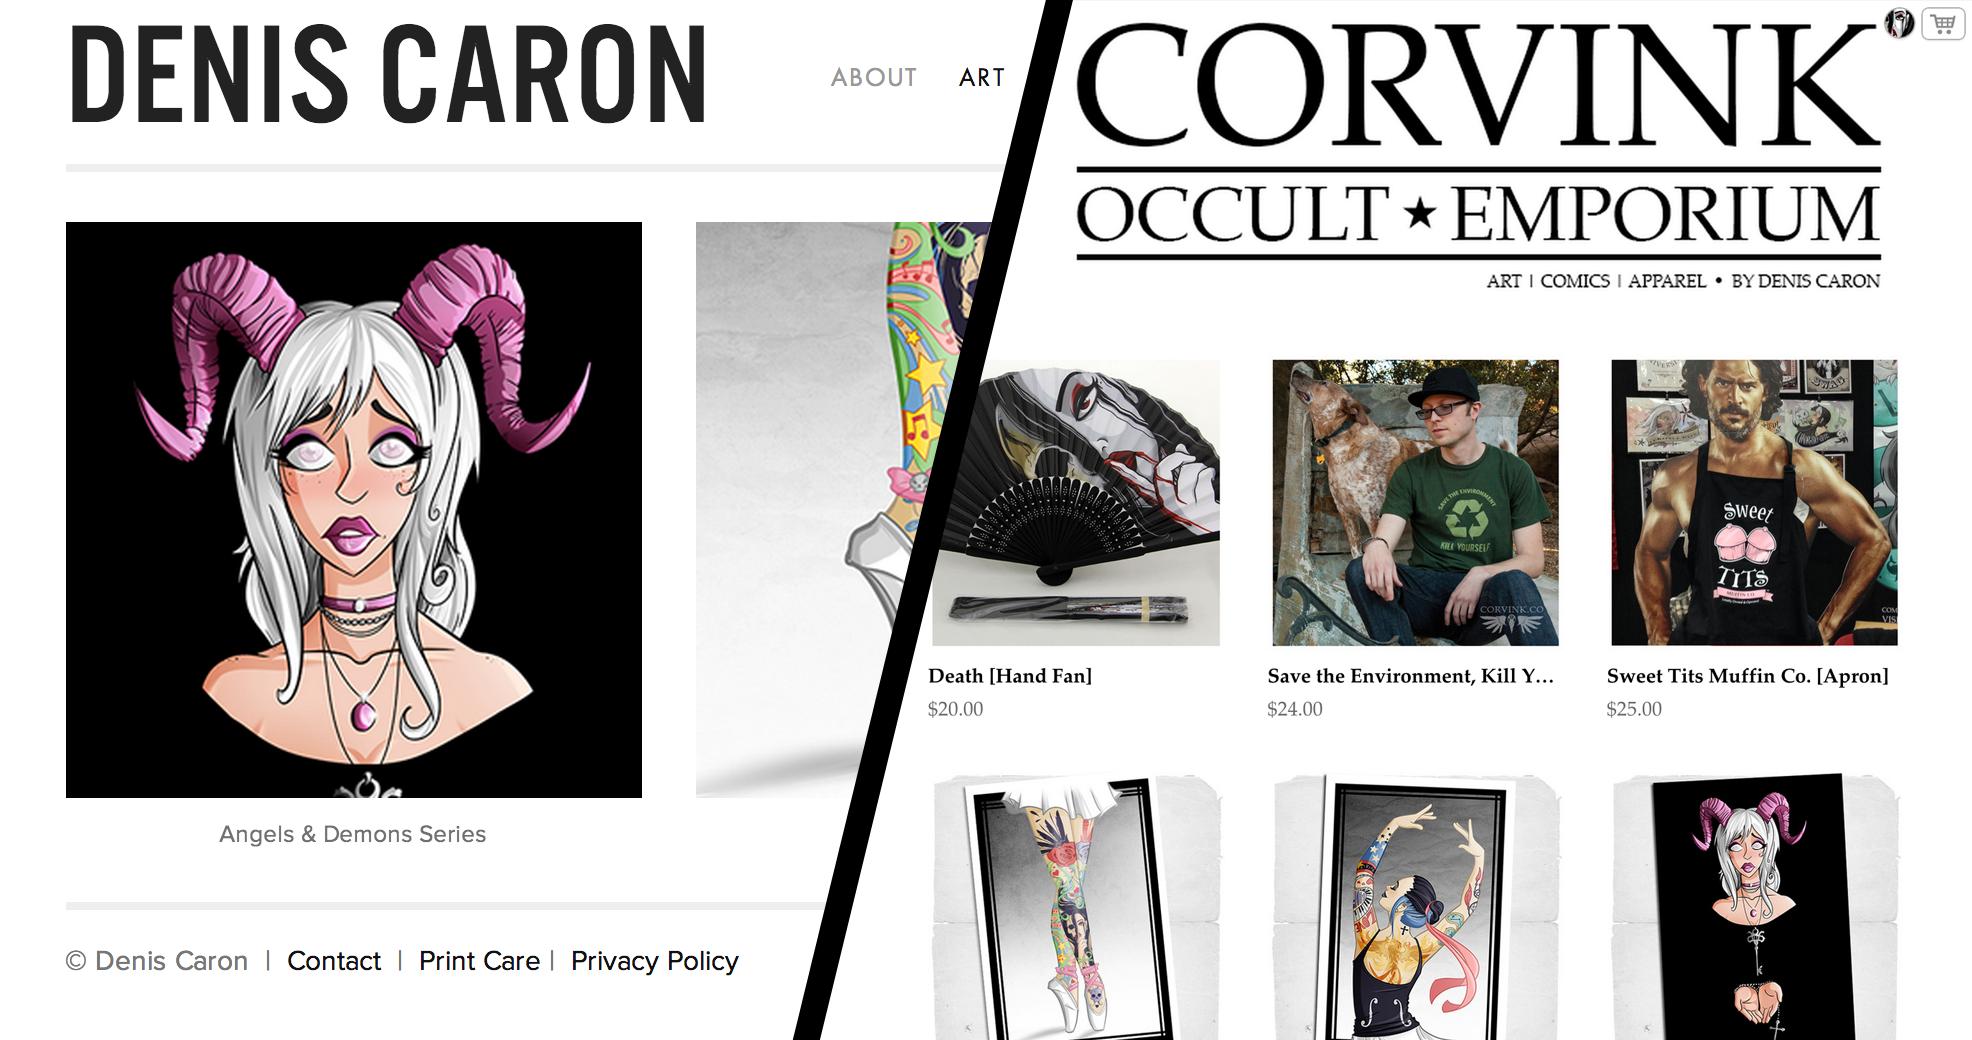 DenisCaron.com & Corvink.Com Split with similar designs.